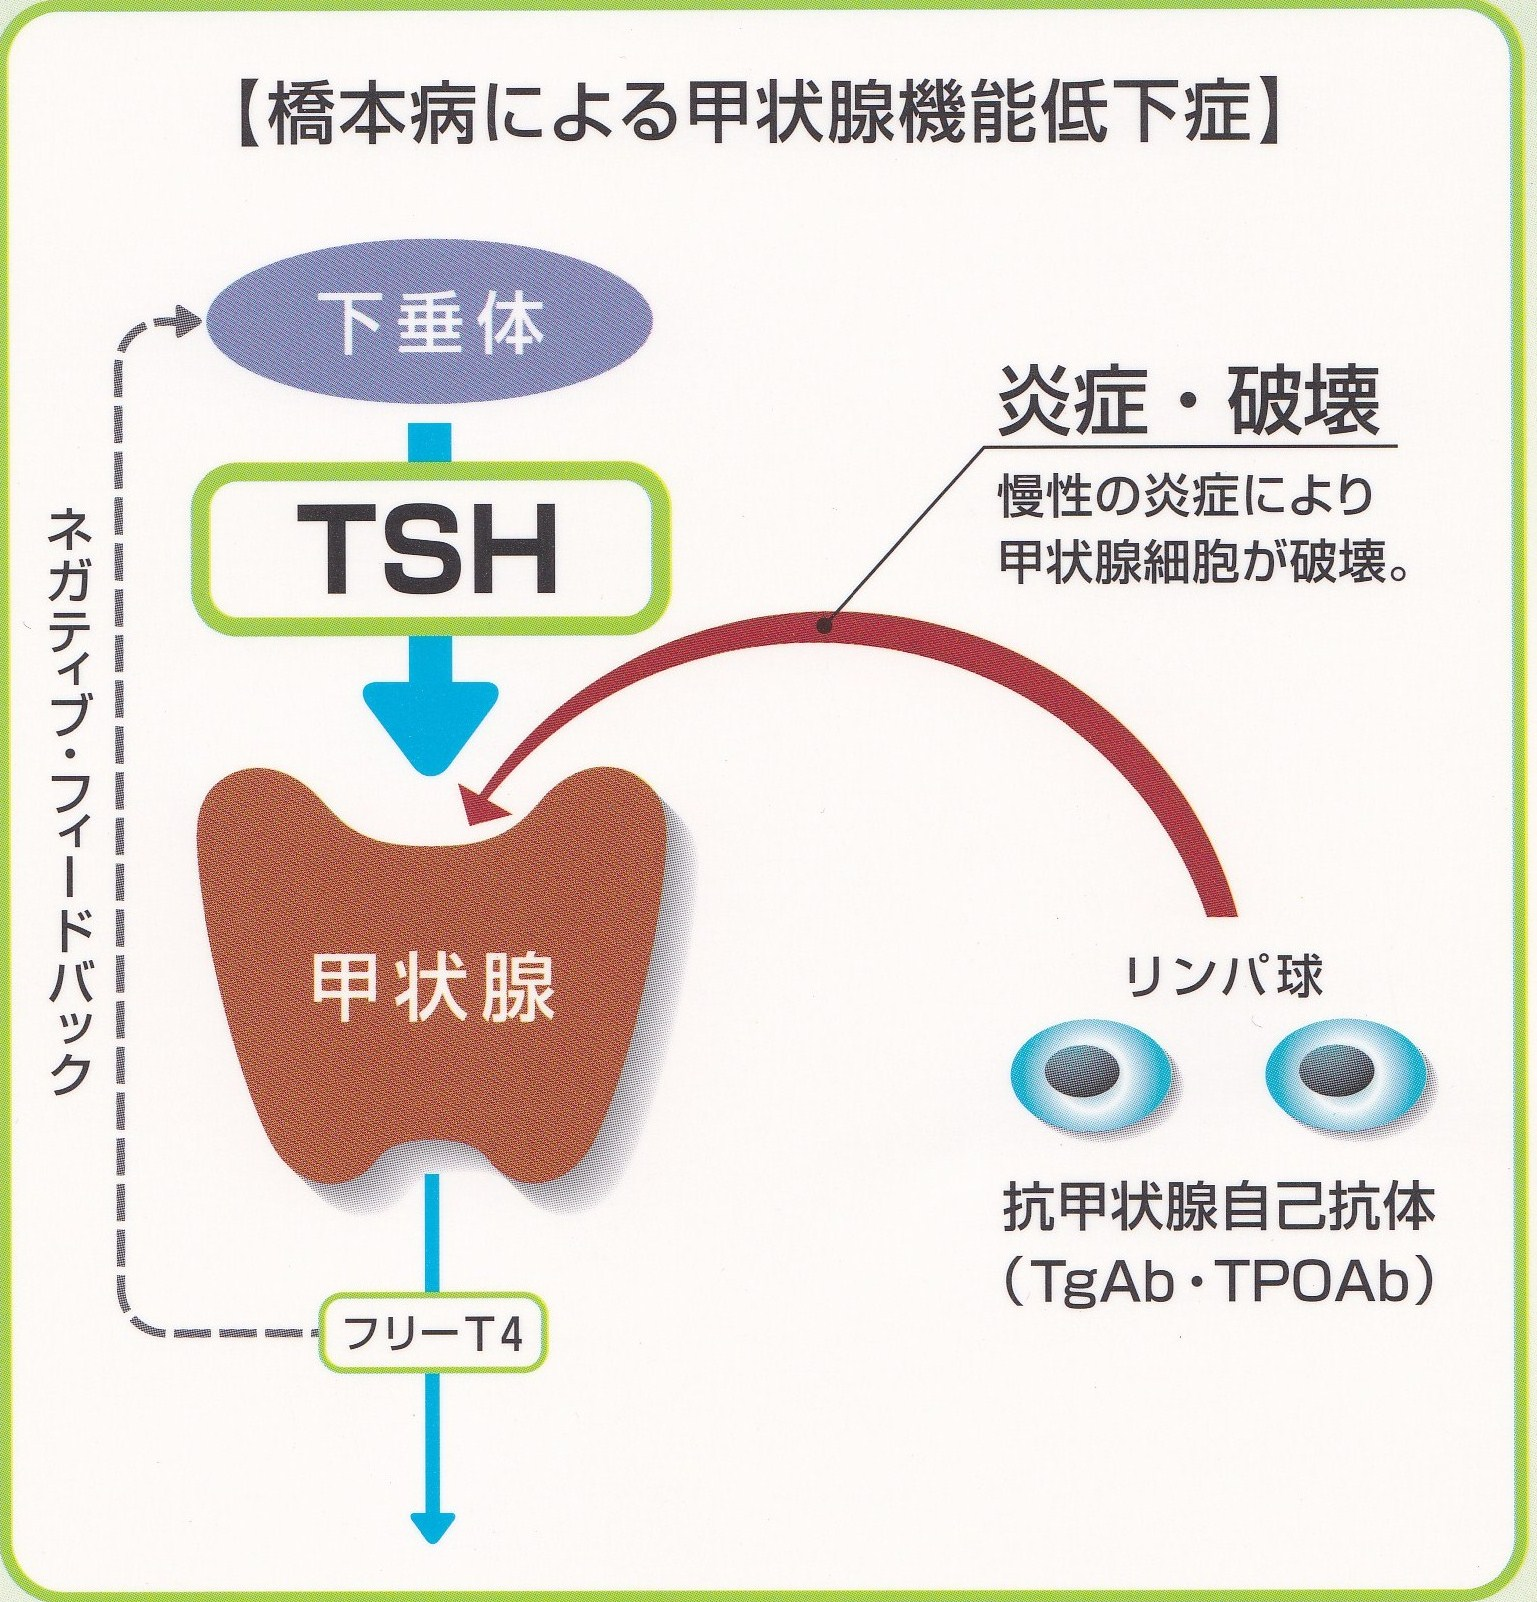 甲状腺機能低下症・橋本病